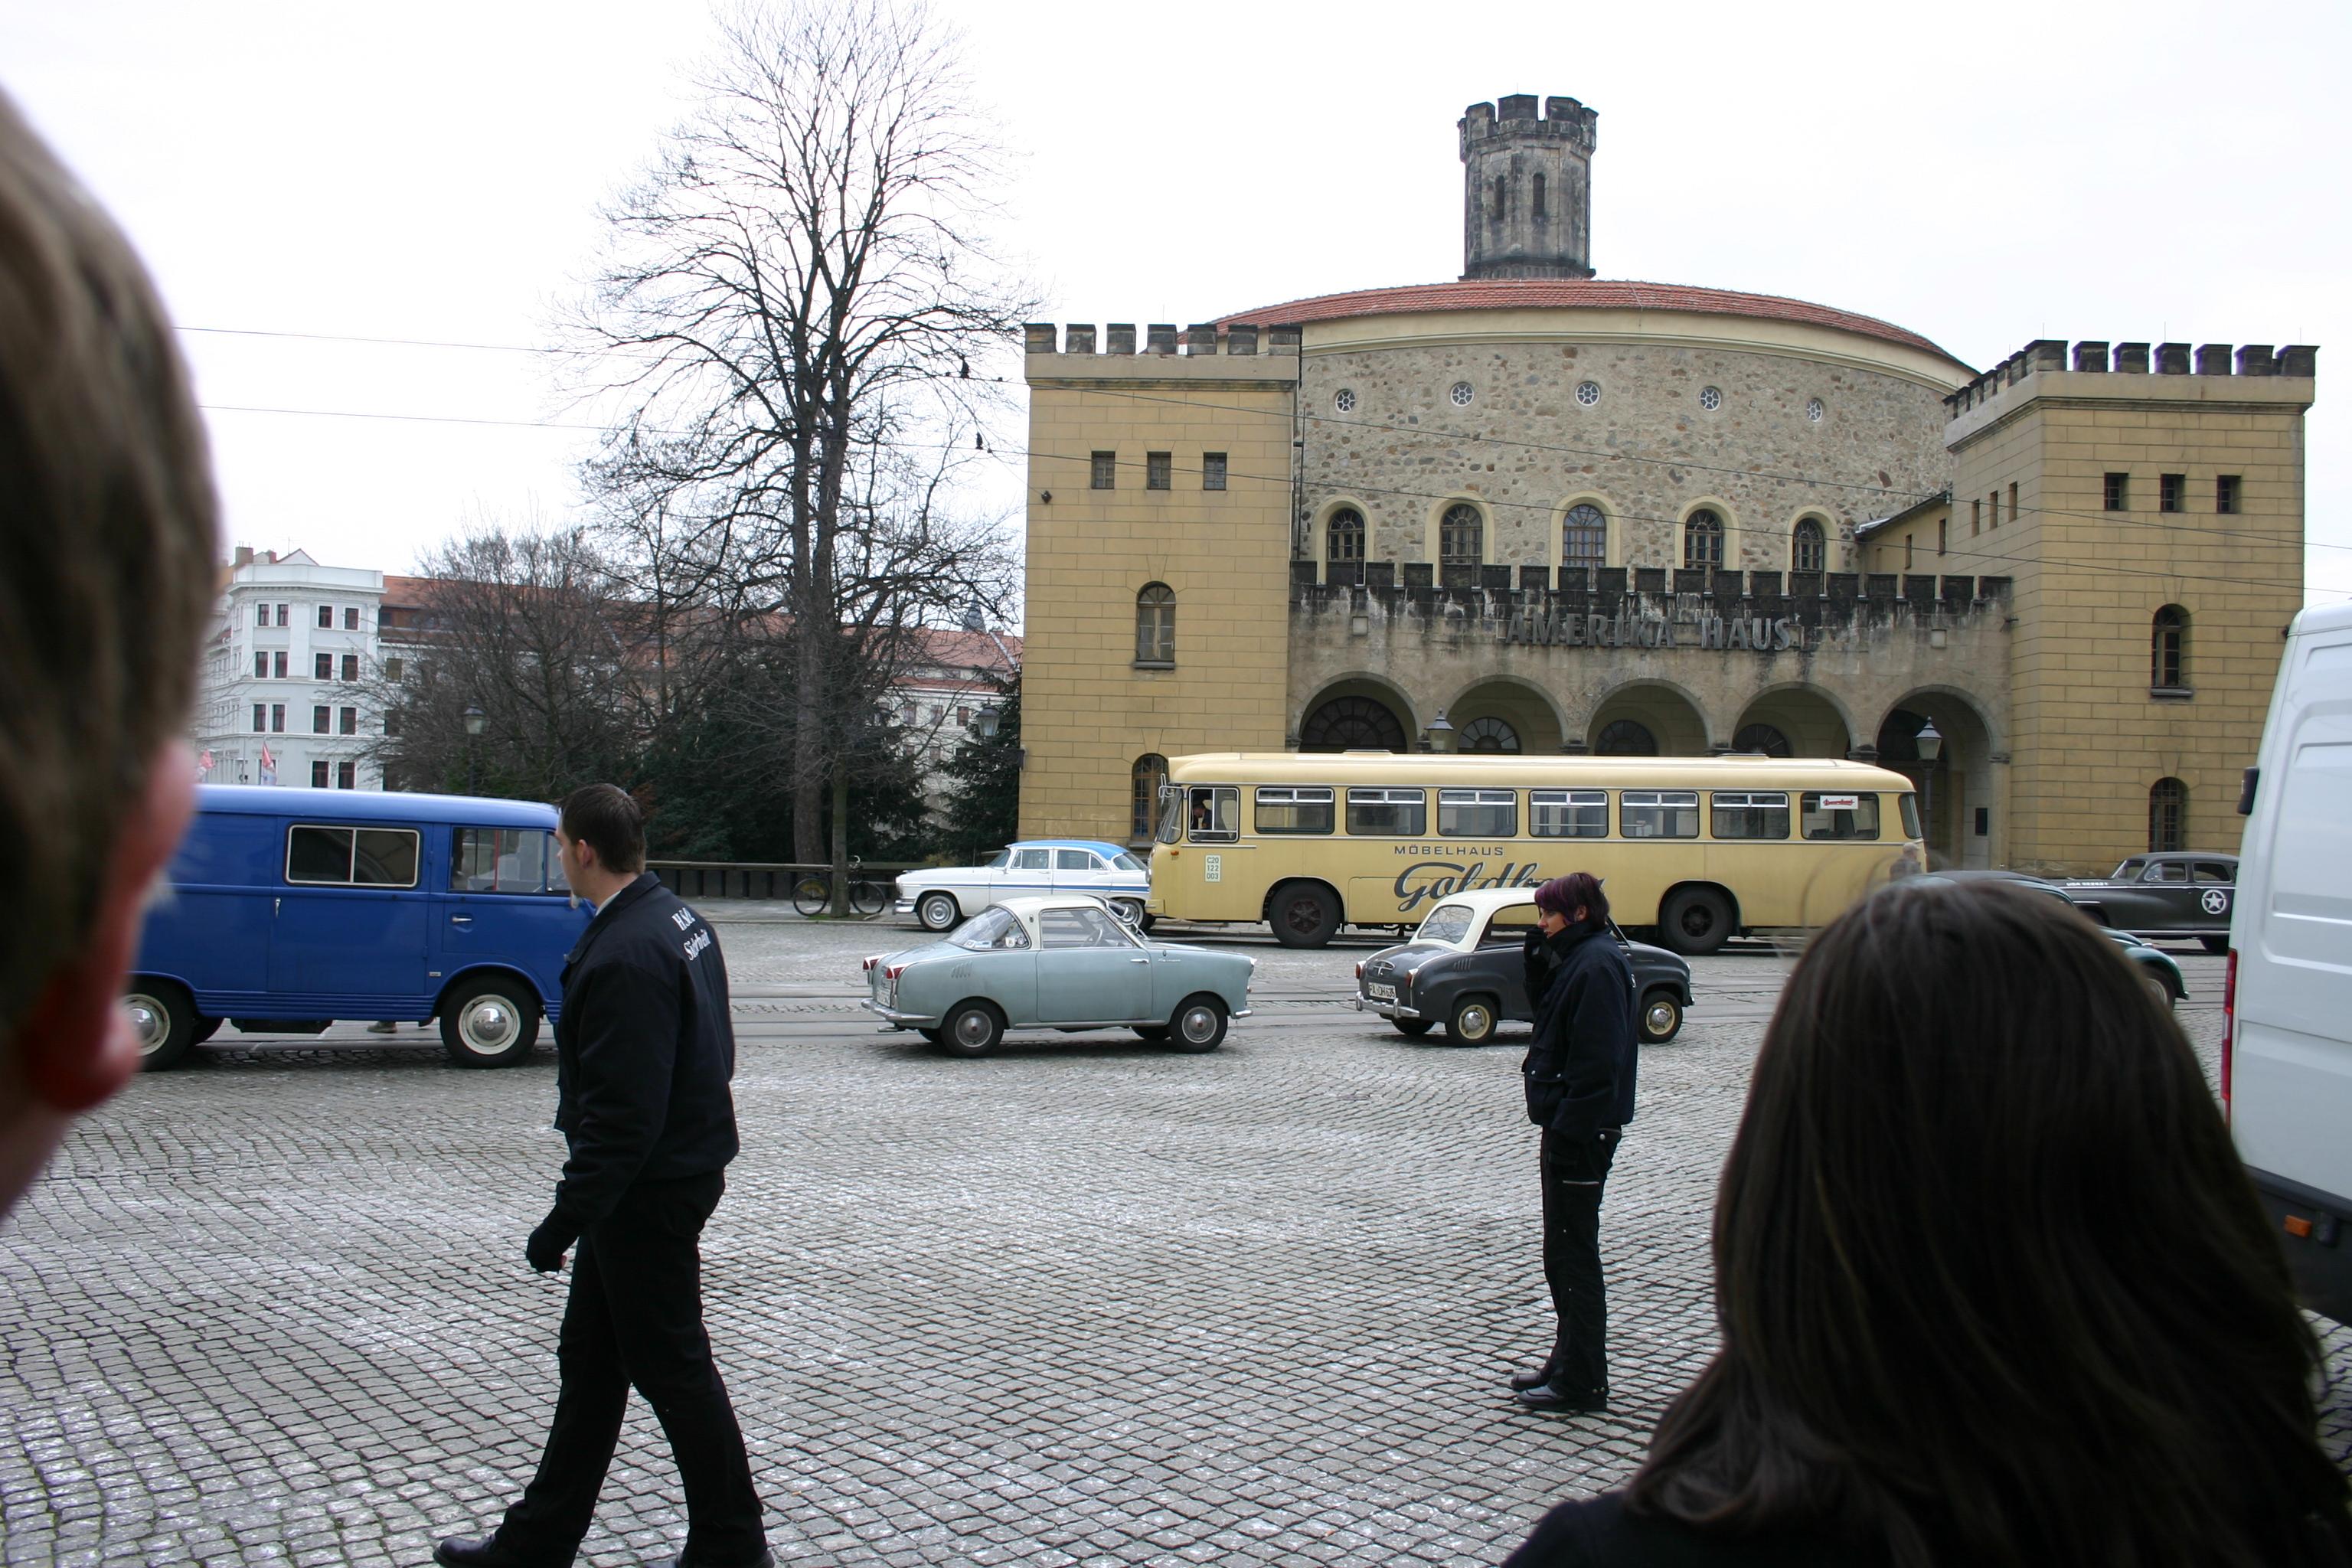 Filmfuhrung Gruppenfuhrungen Gorlitz Tourismus